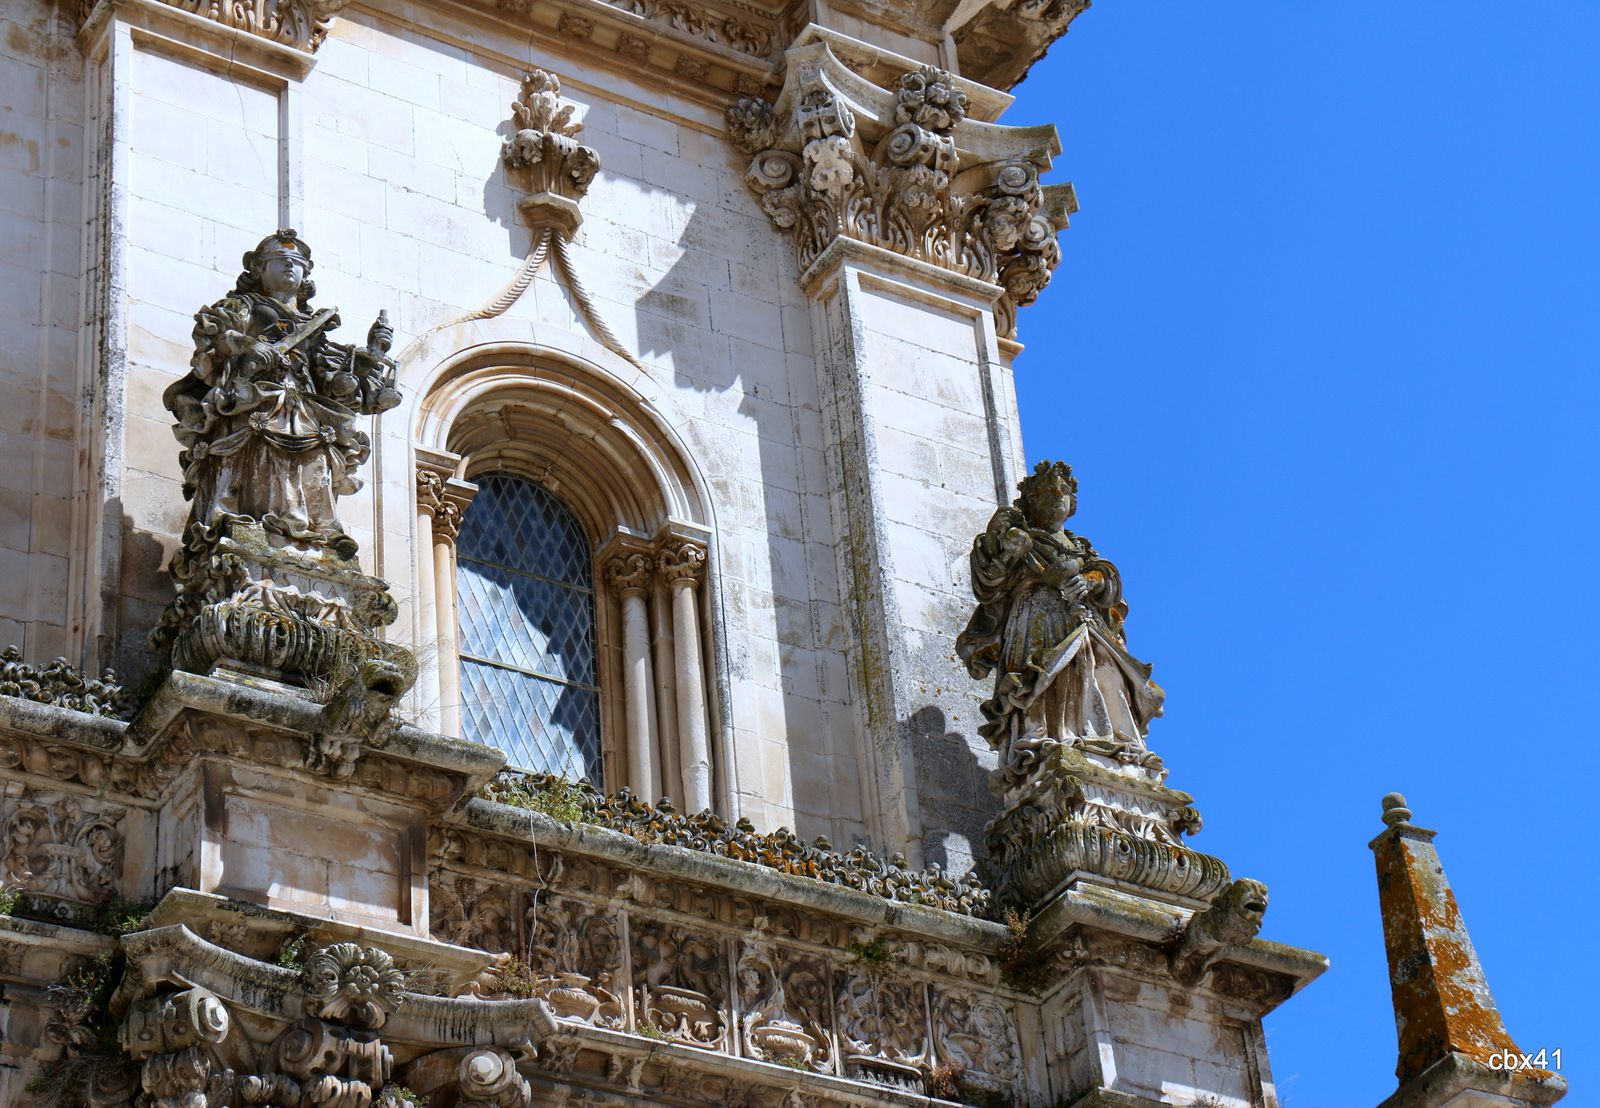 Les vertus, façade de l'église Santa Maria d'Alcobaça